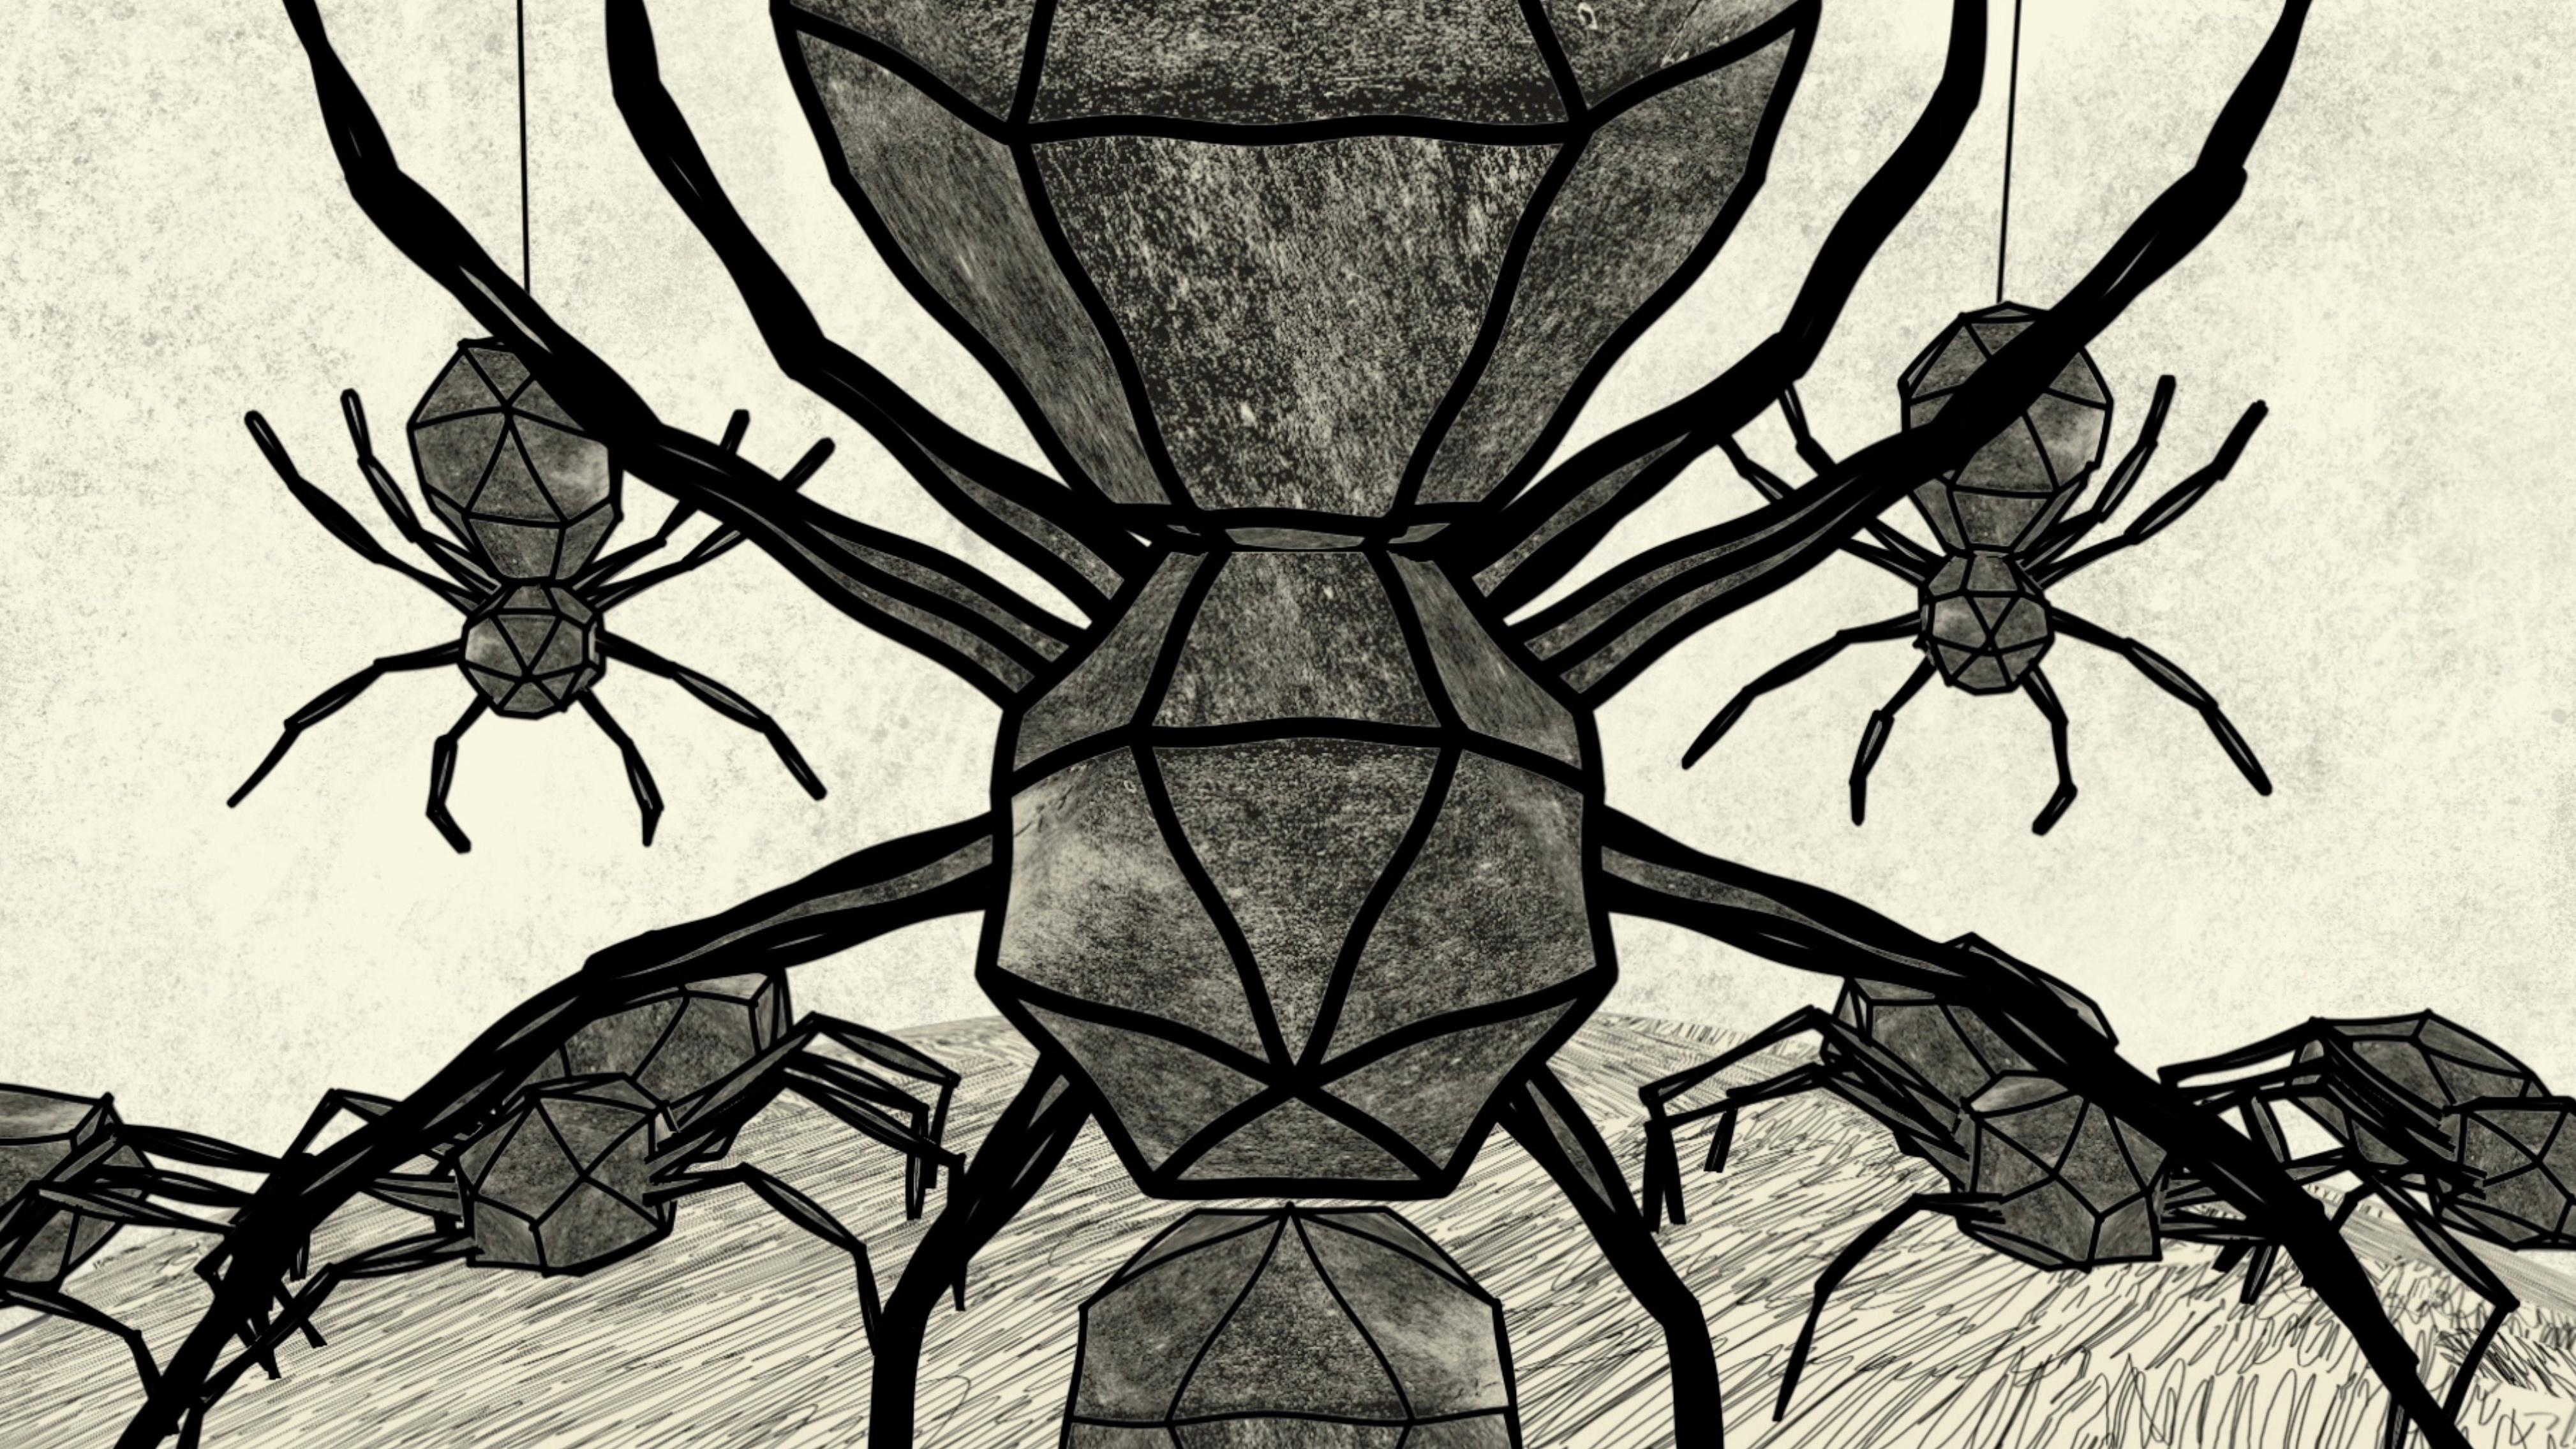 Arachnidv3.jpg